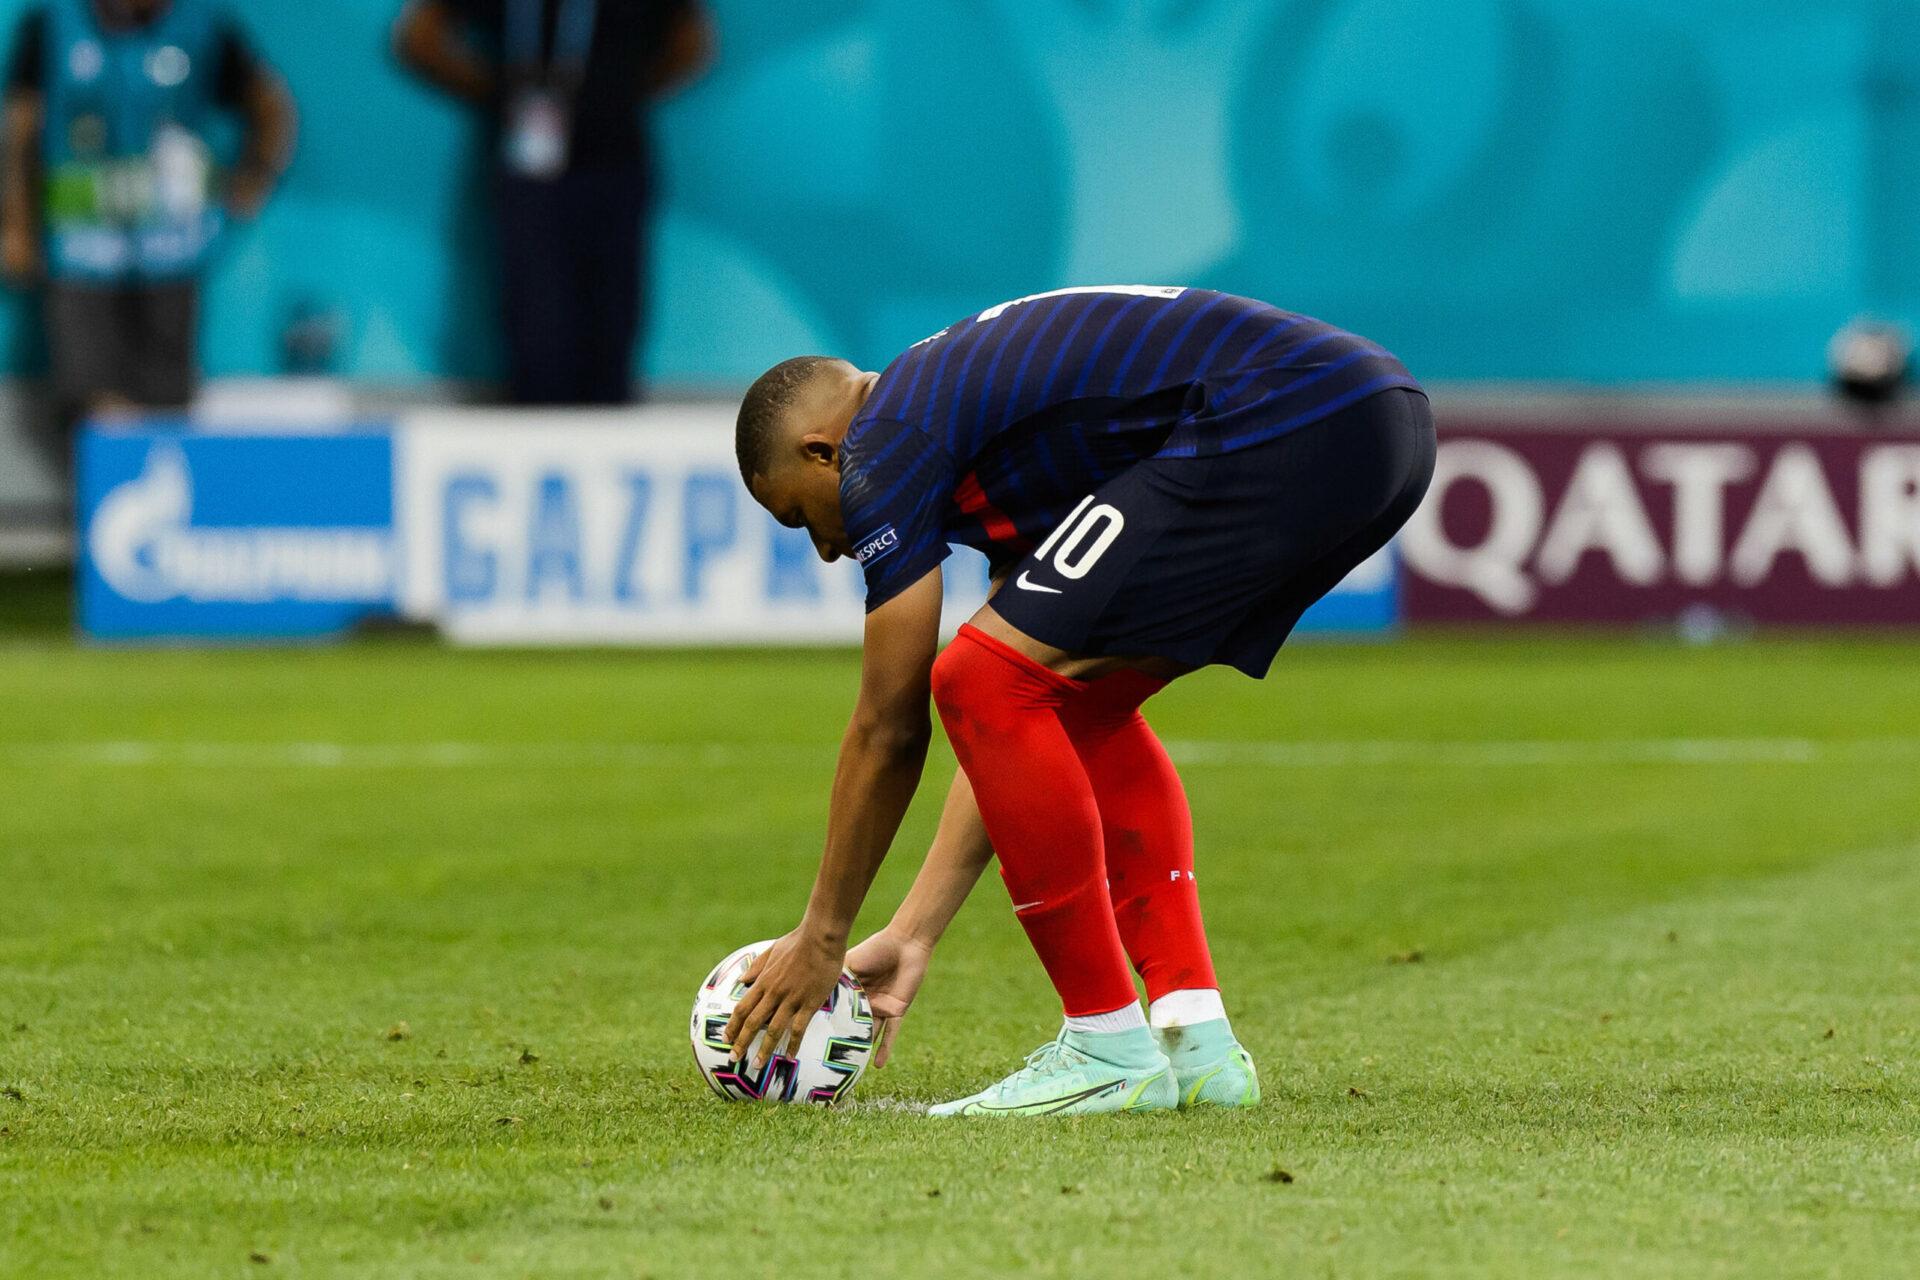 Kylian Mbappé avant de tirer son penalty lors du match contre la Suisse lors de l'Euro 2021 (IconSport)